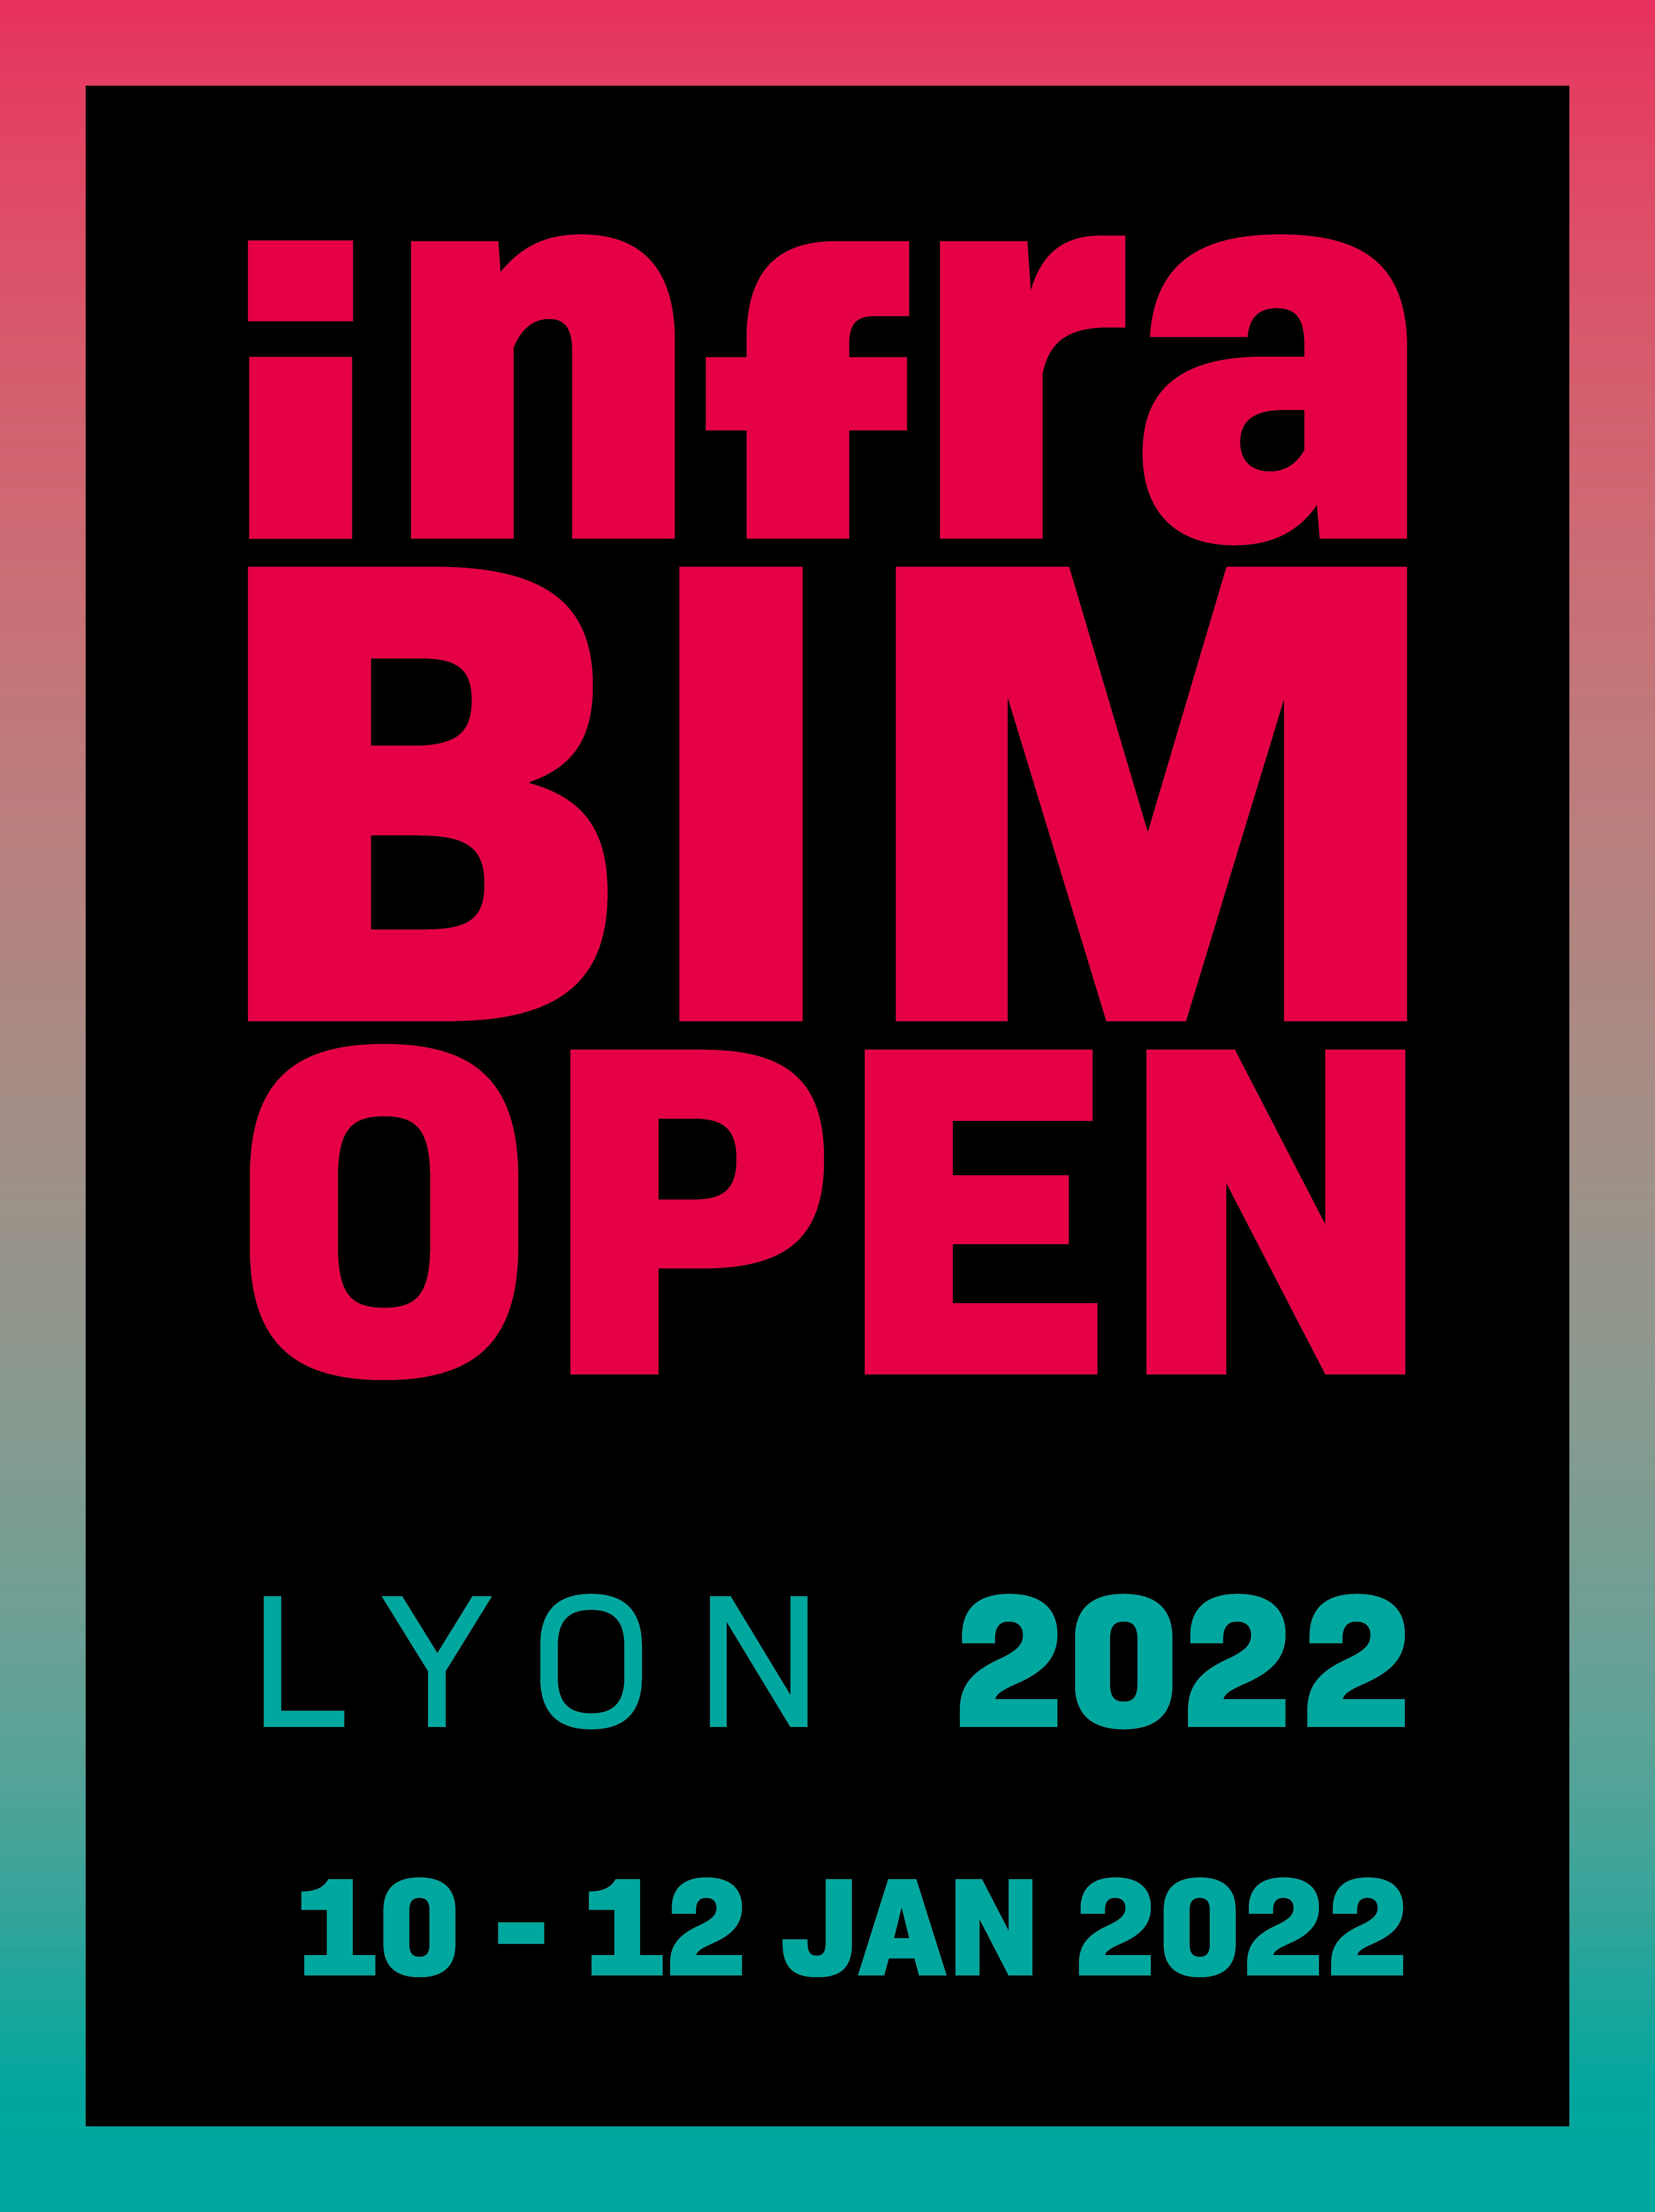 IBO21 en 2022 : Y serez-vous ?